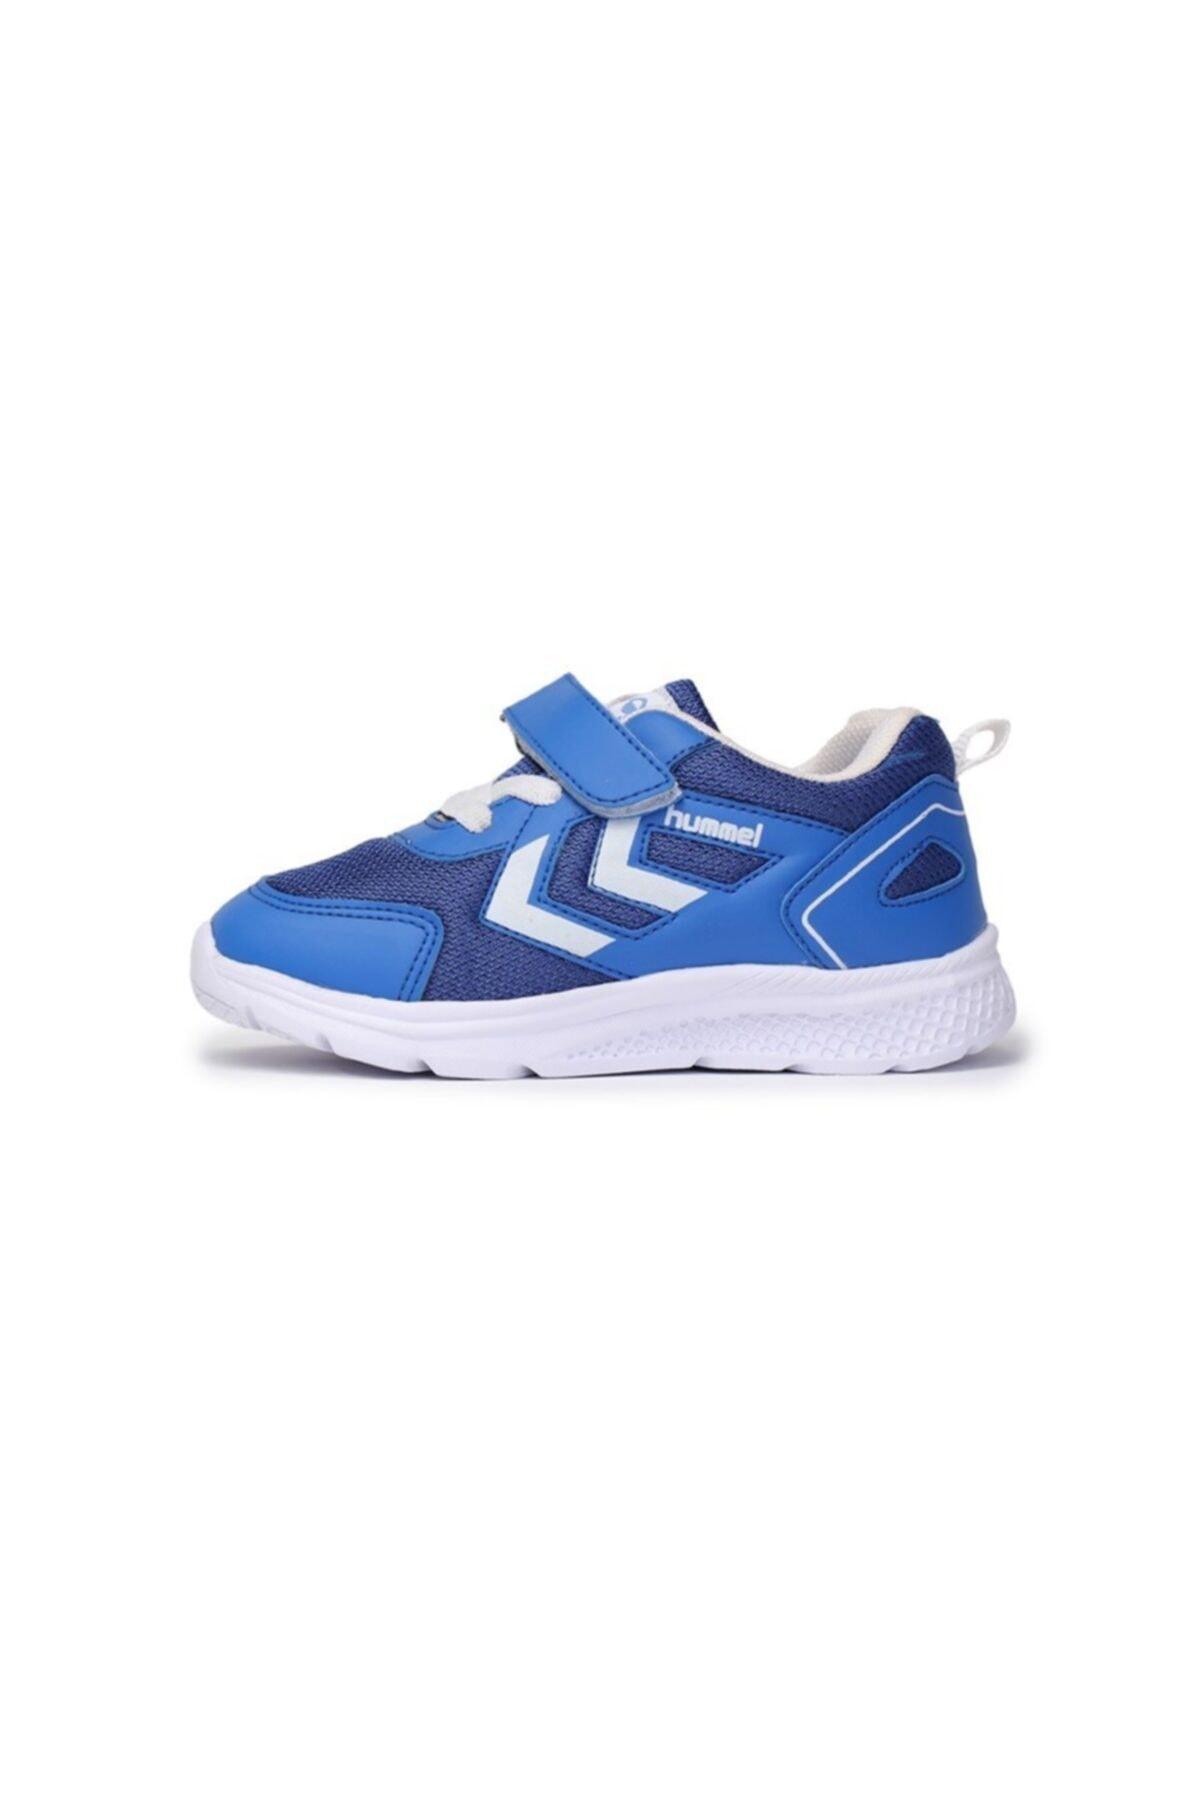 Rush Jr Sneaker - Mavi - 27